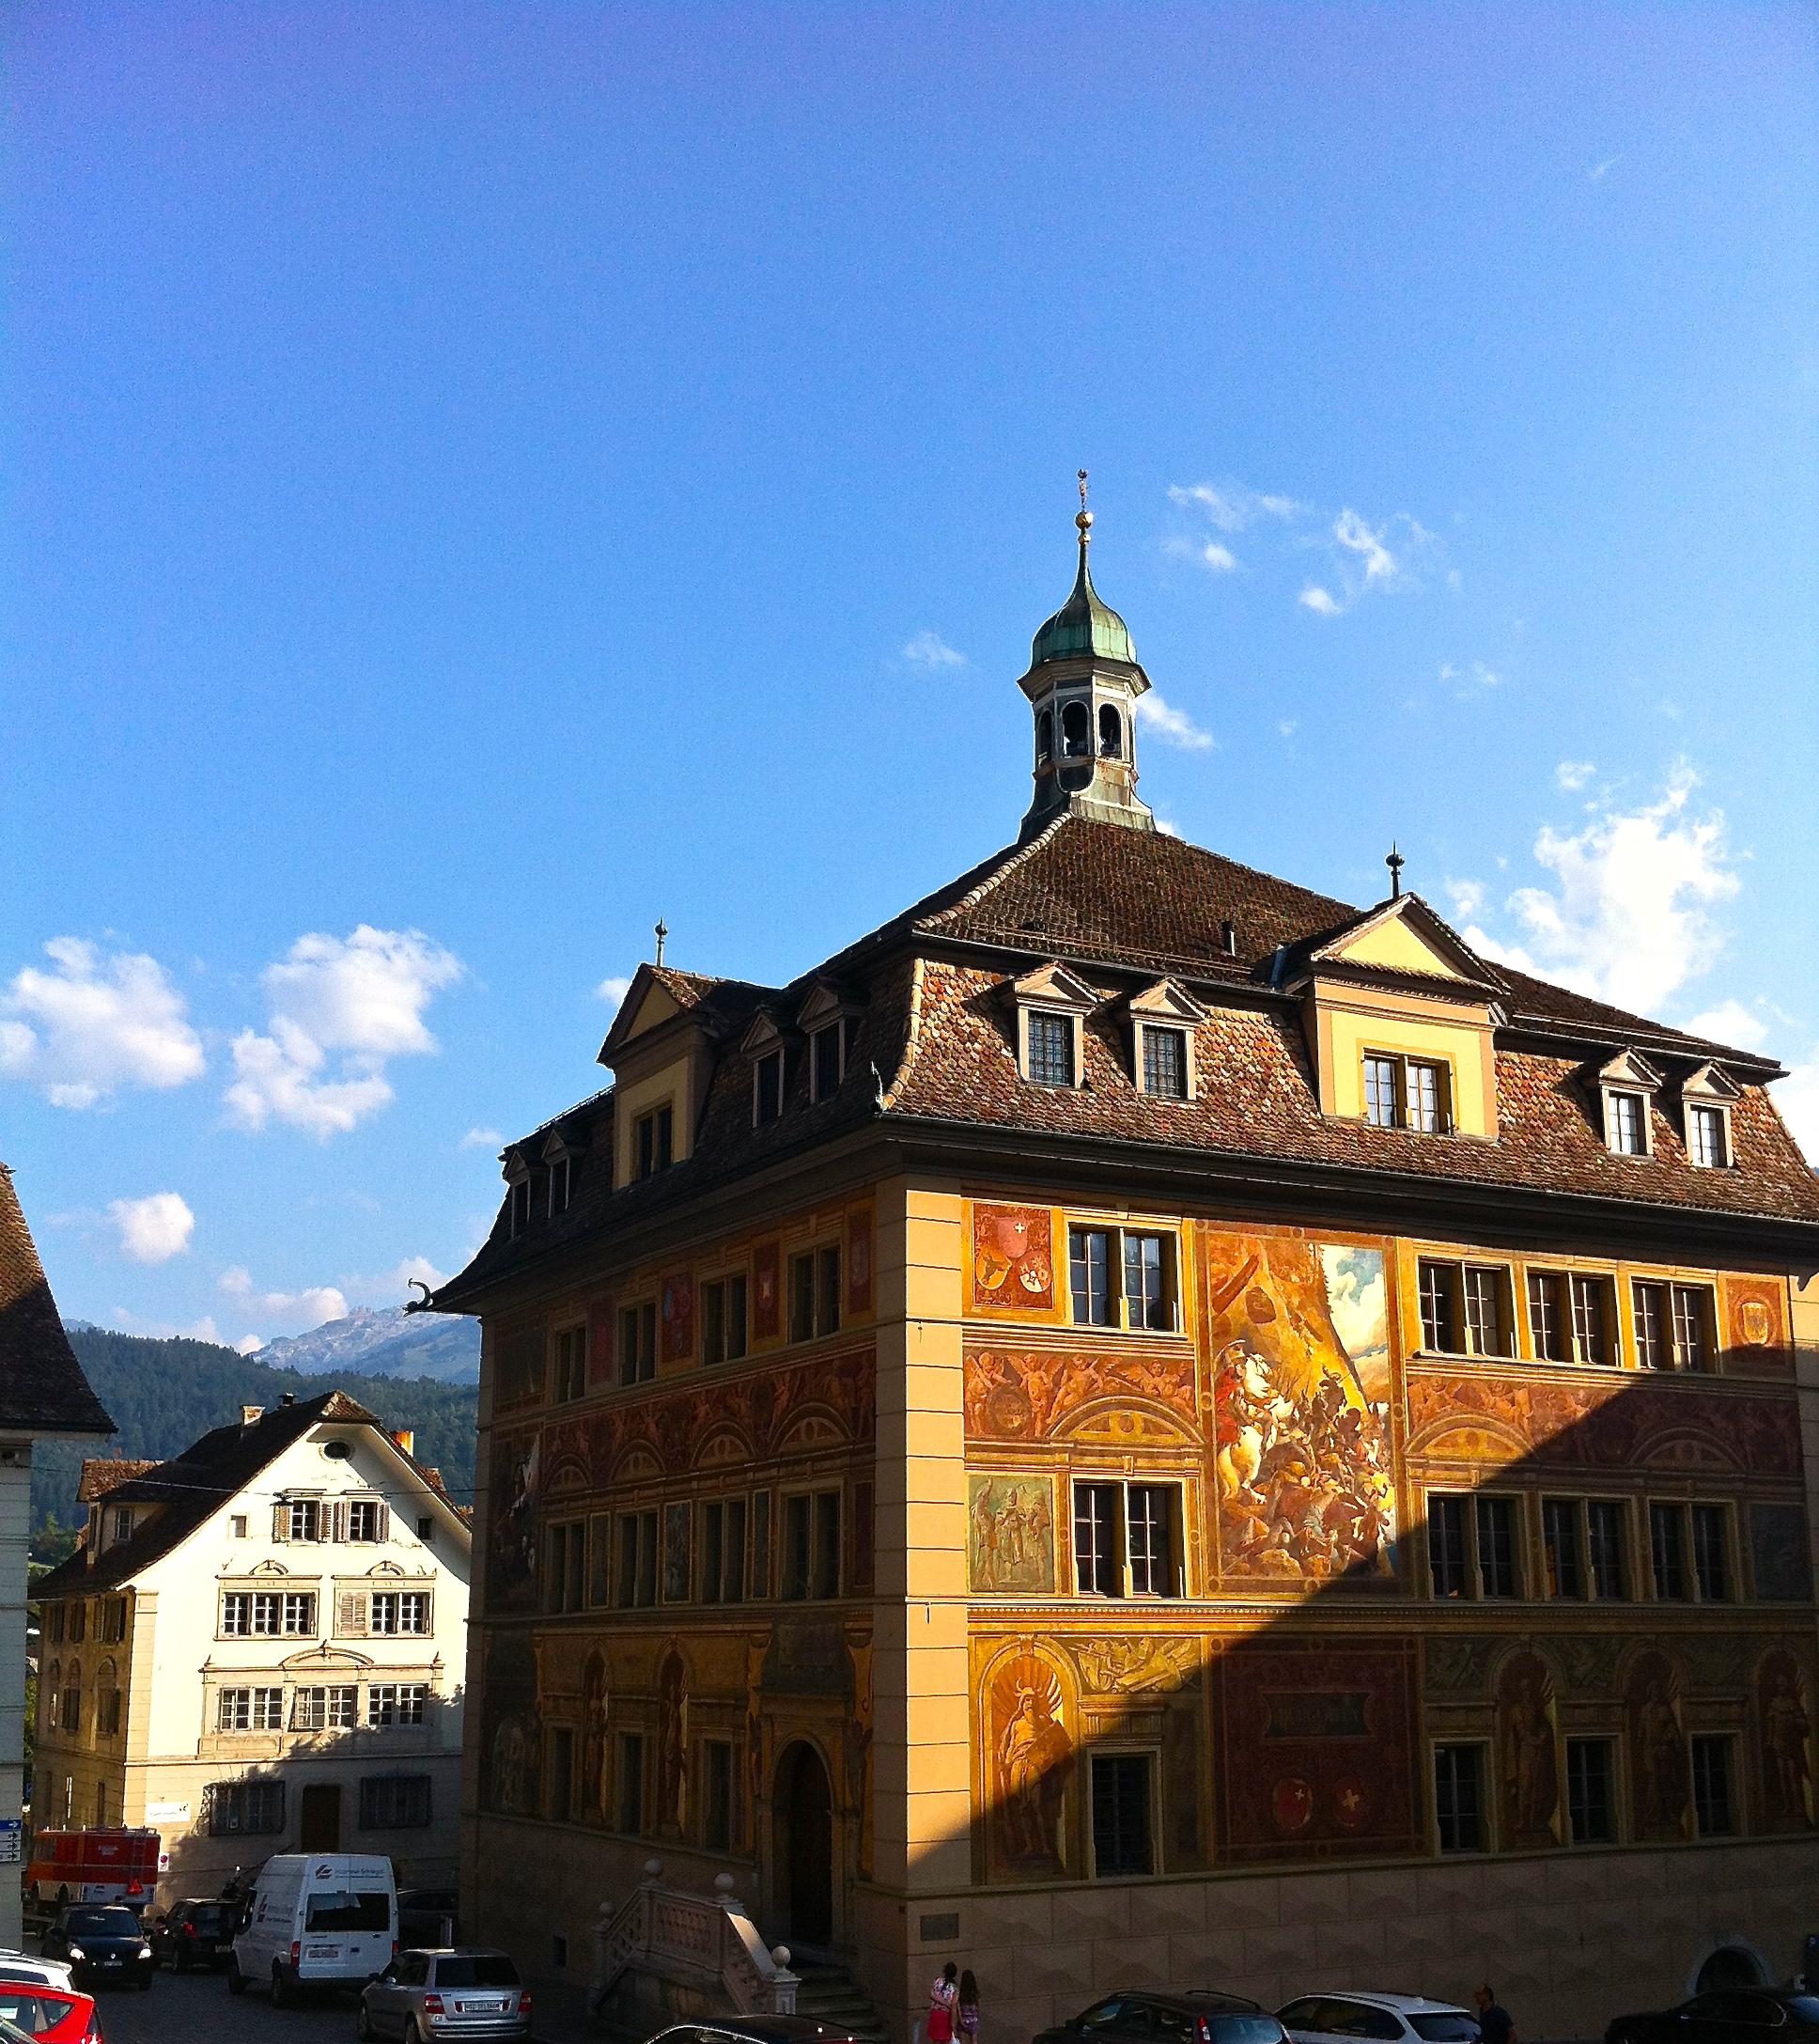 Schwyzer Rathaus